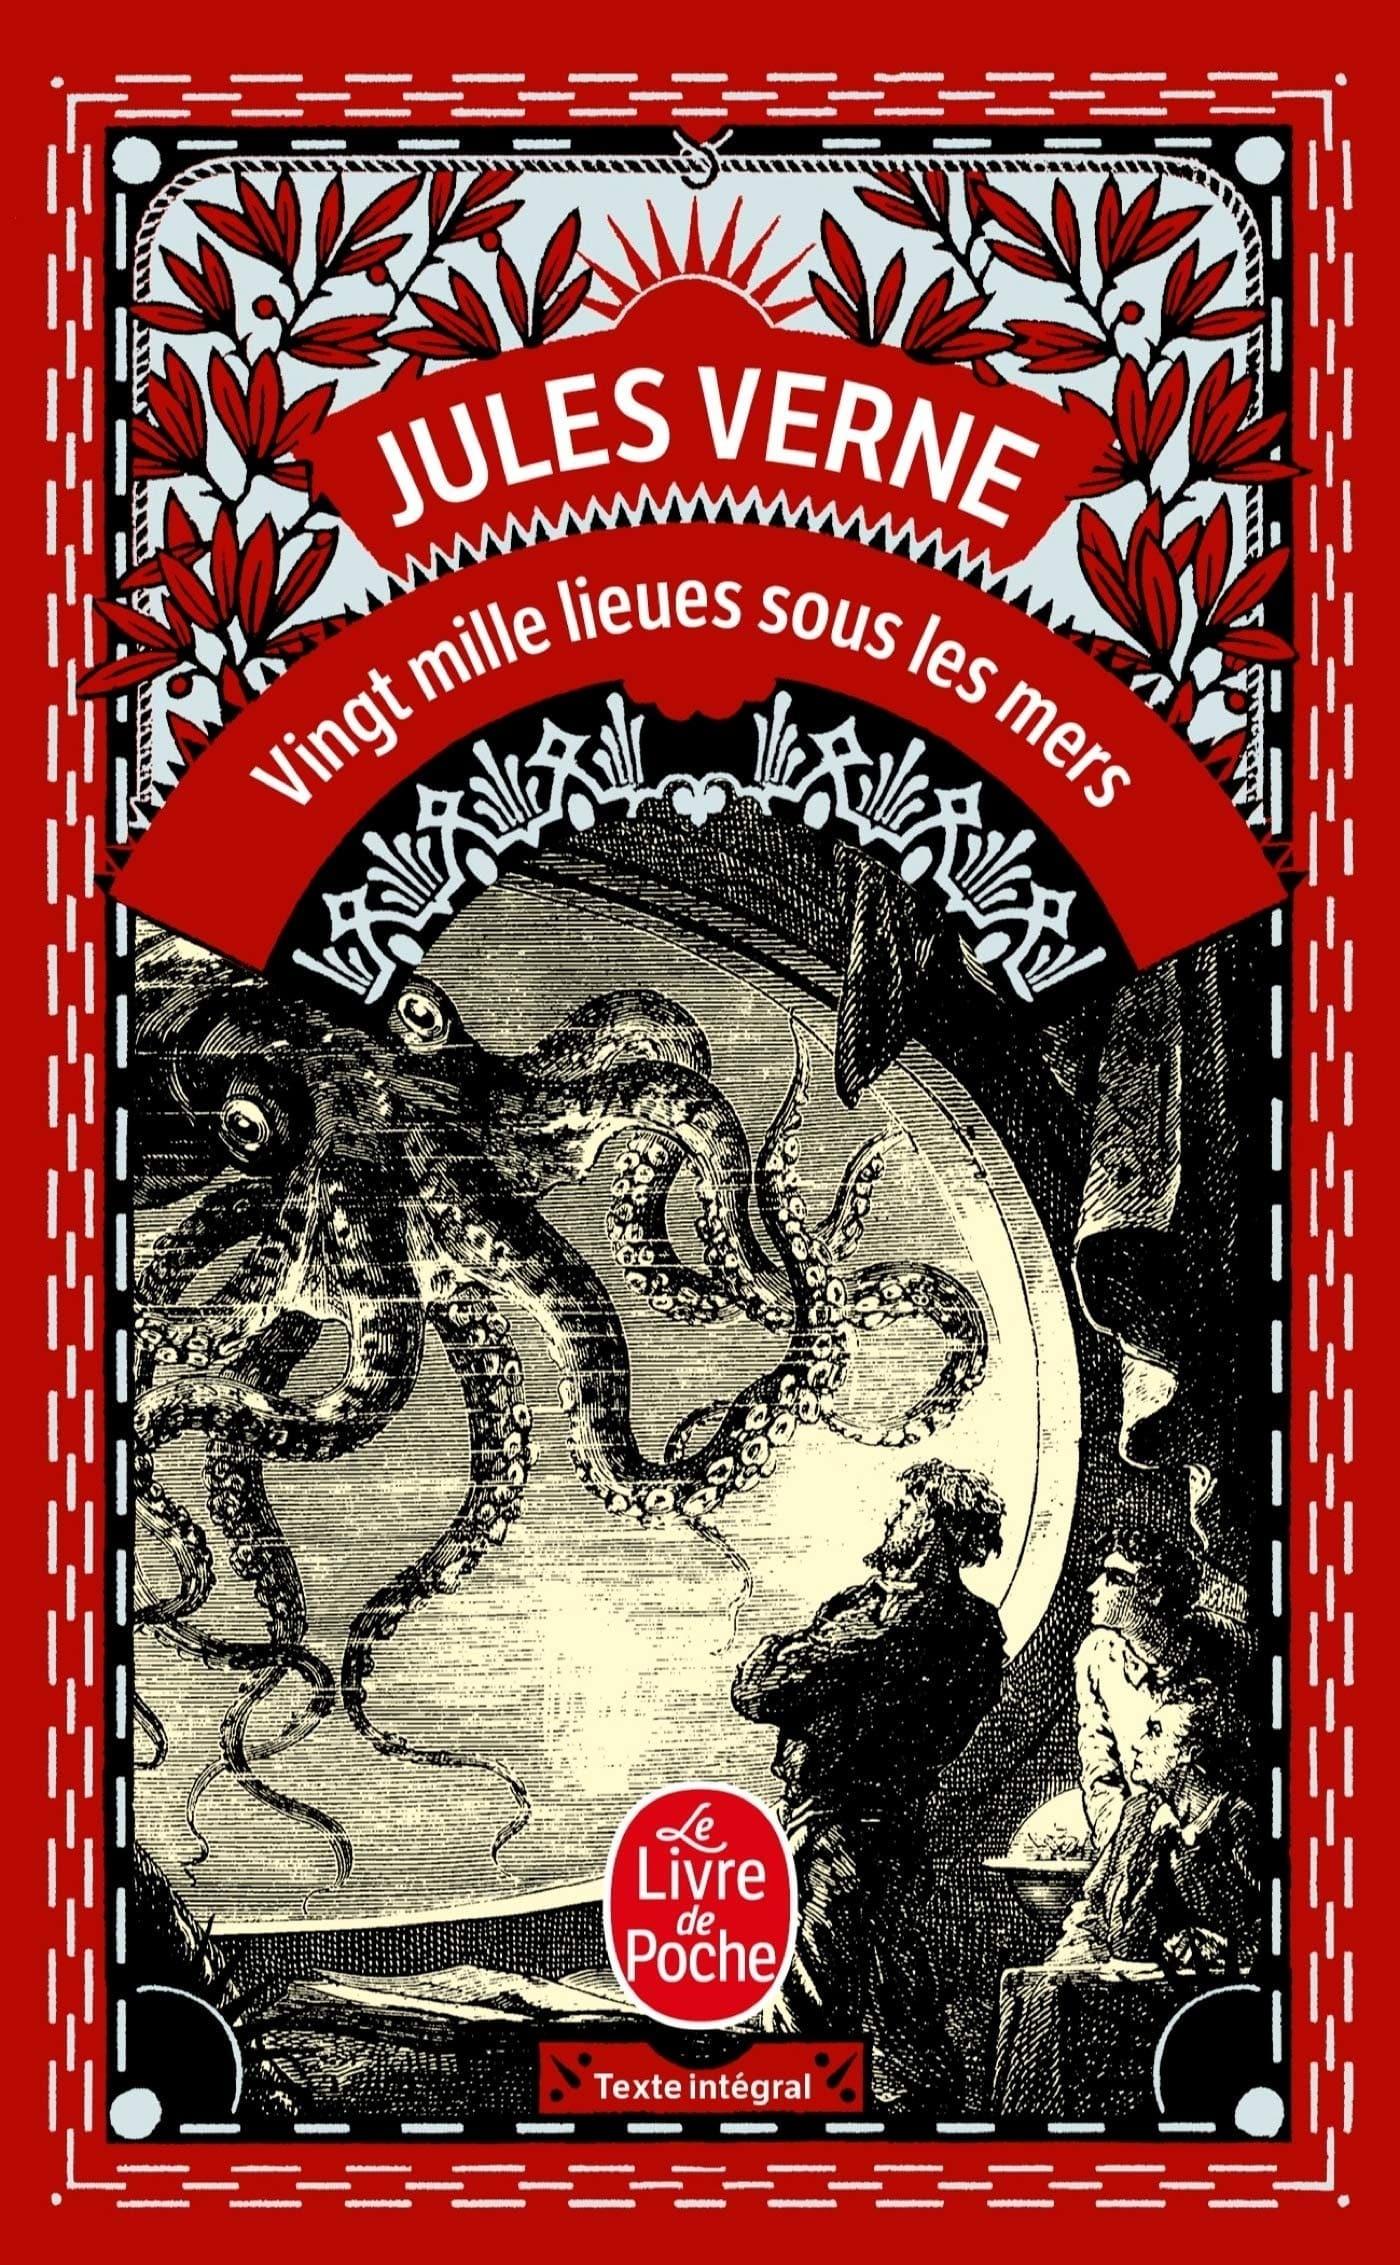 Vingt Mille Lieues sous les mers, de Jules Verne